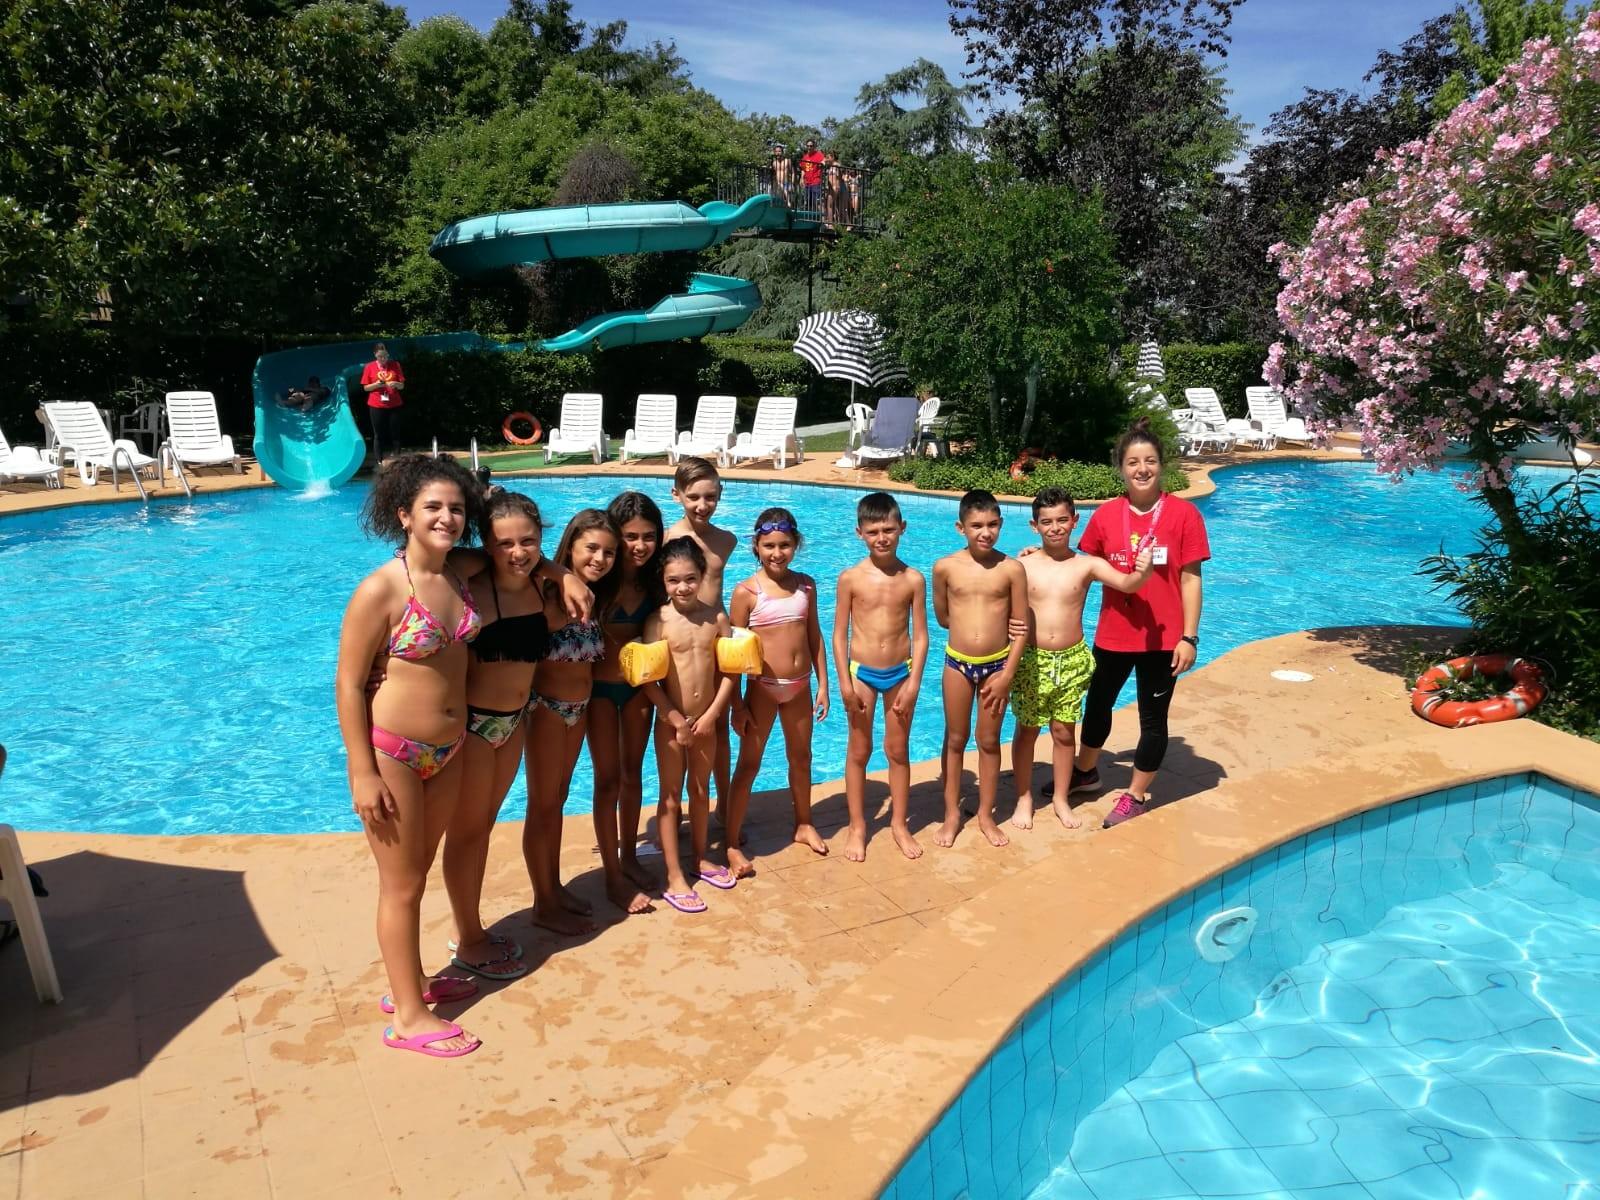 Hotel Balletti 4**** // English Camp Junior Archivi --BALLETTI-ENGLISH-CAMP-JUNIOR–-SECONDO-TURNO-–-GIORNO-22